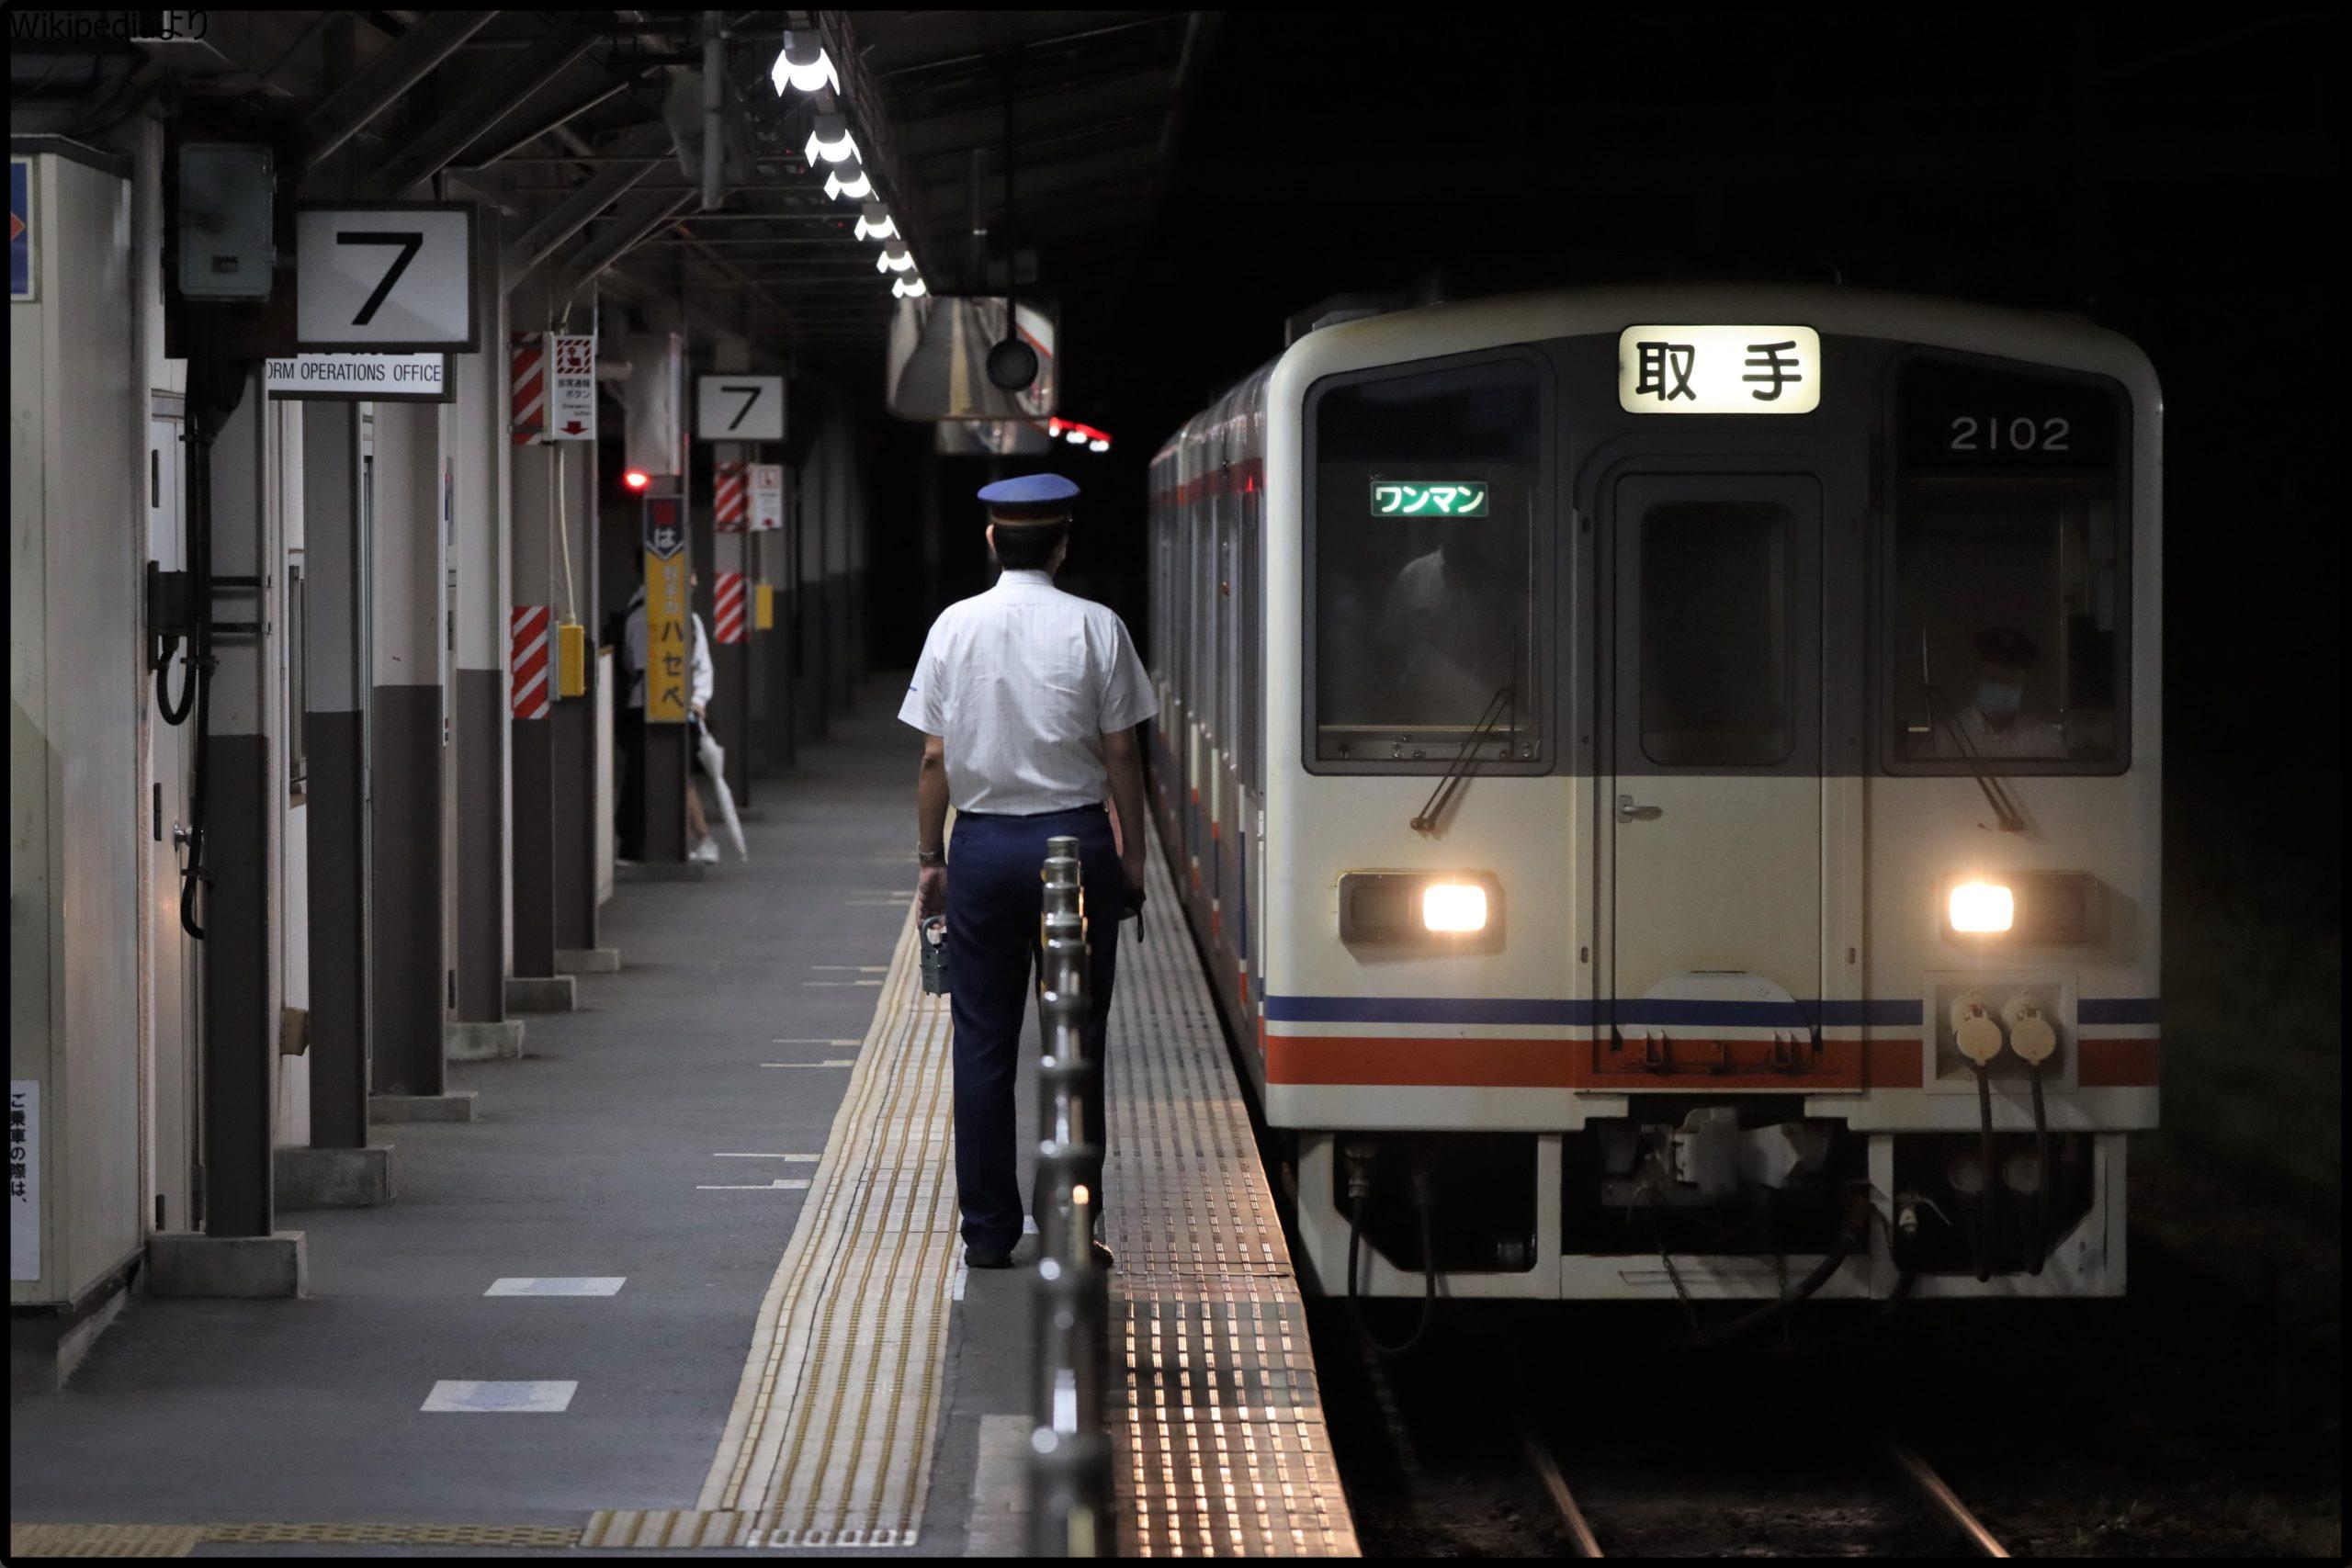 【関東鉄道】常総線、新型コロナウイルスでの利用減で快速を含め大幅減便へ 快速通過駅は1時間間隔も